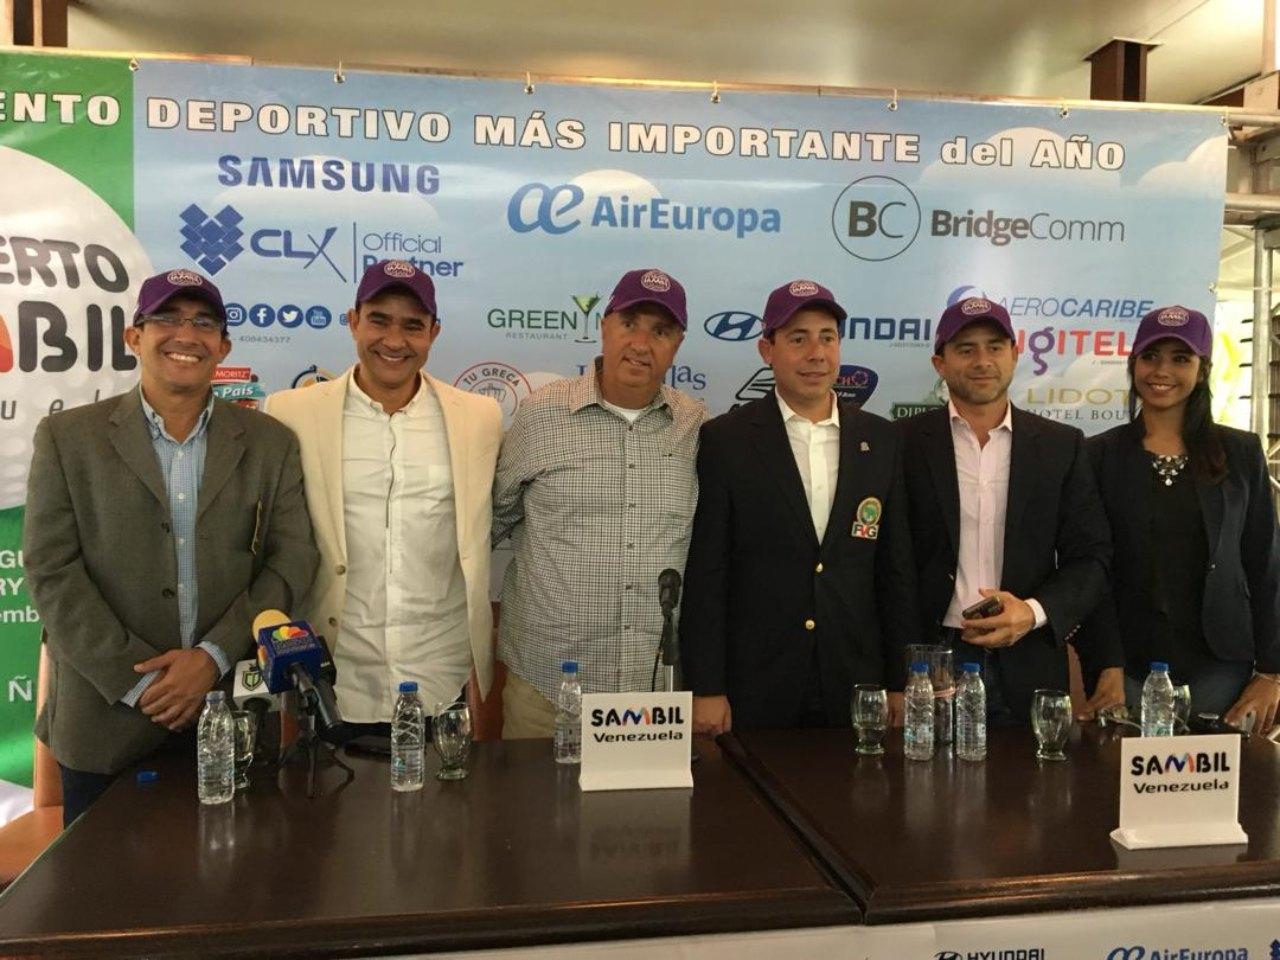 El evento deportivo de golf contará con los mejores jugadores tanto profesionales como amateurs del país